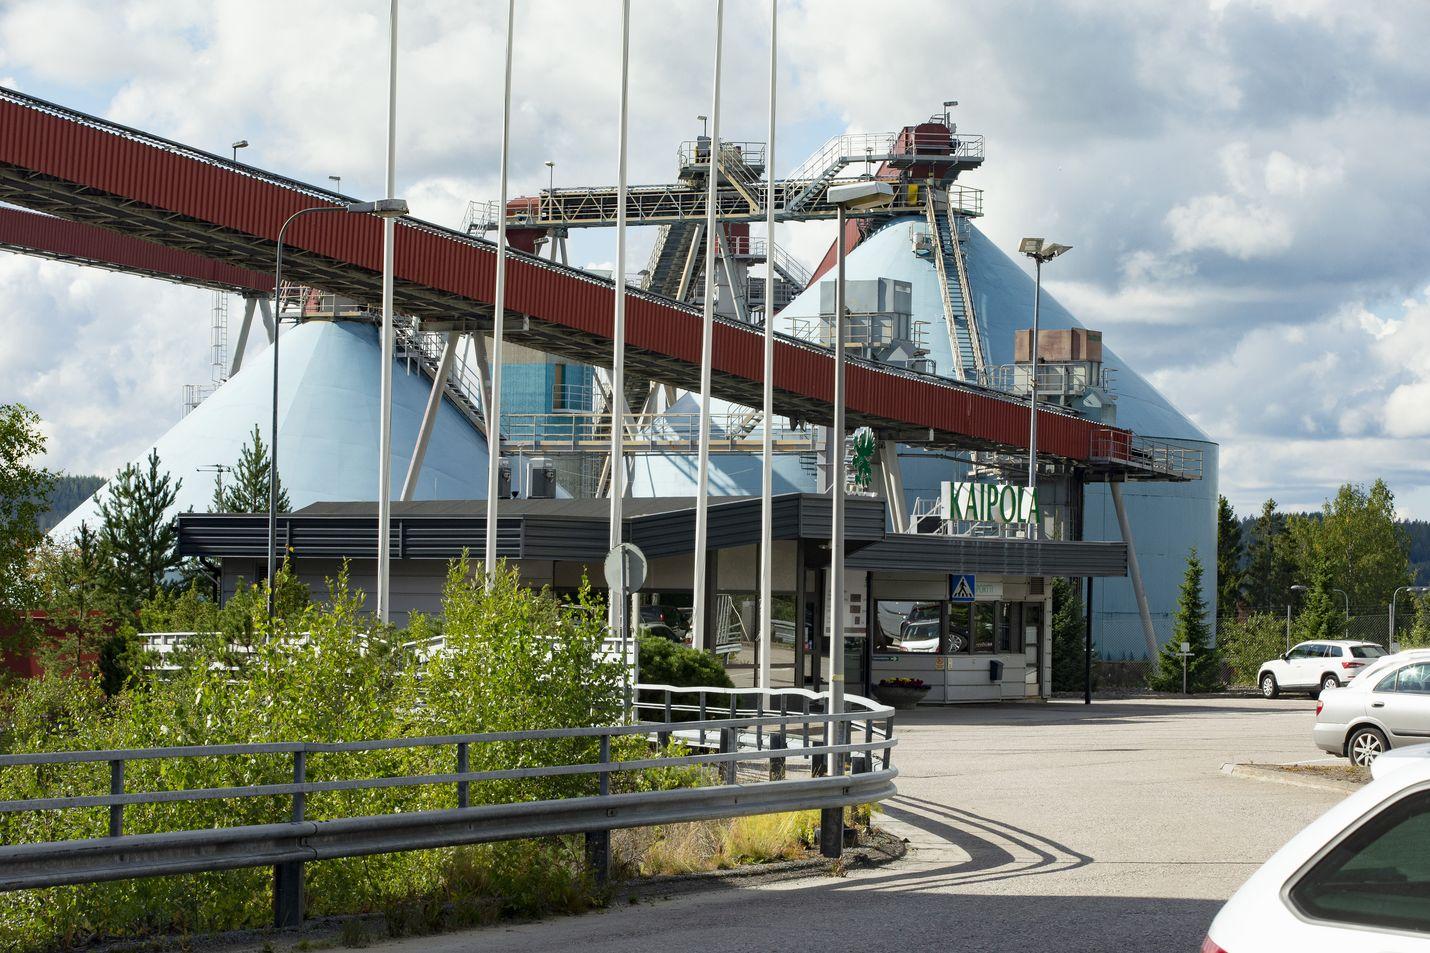 UPM:n Kaipolan paperitehdas Jämsässä suljettiin viime vuonna. UPM ja Paperiliitto eivät ole vielä päässeet neuvottelupöytään uusissa yrityskohtaisissa neuvotteluissa.